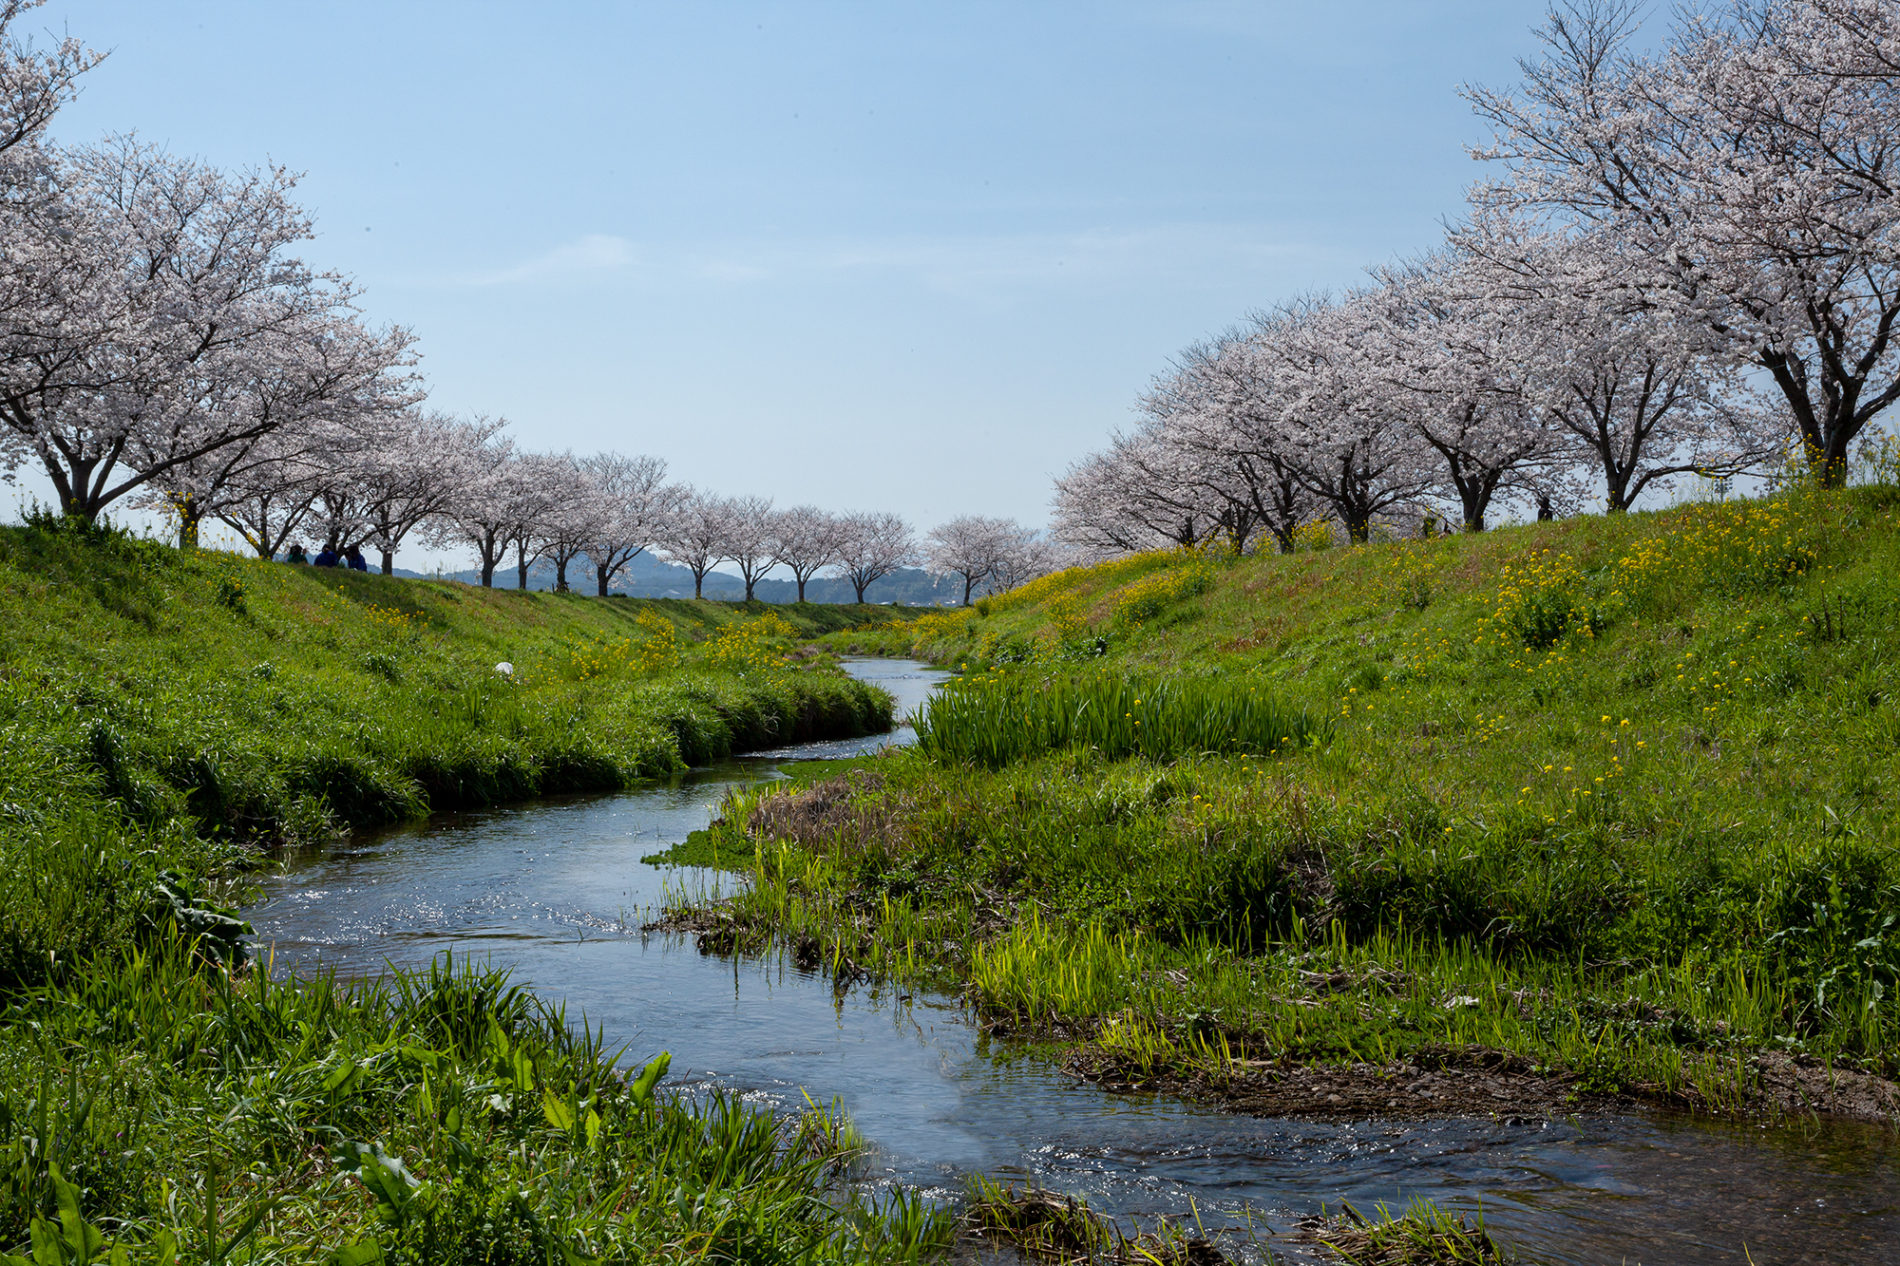 福岡県朝倉郡筑前町の草場川の桜並木